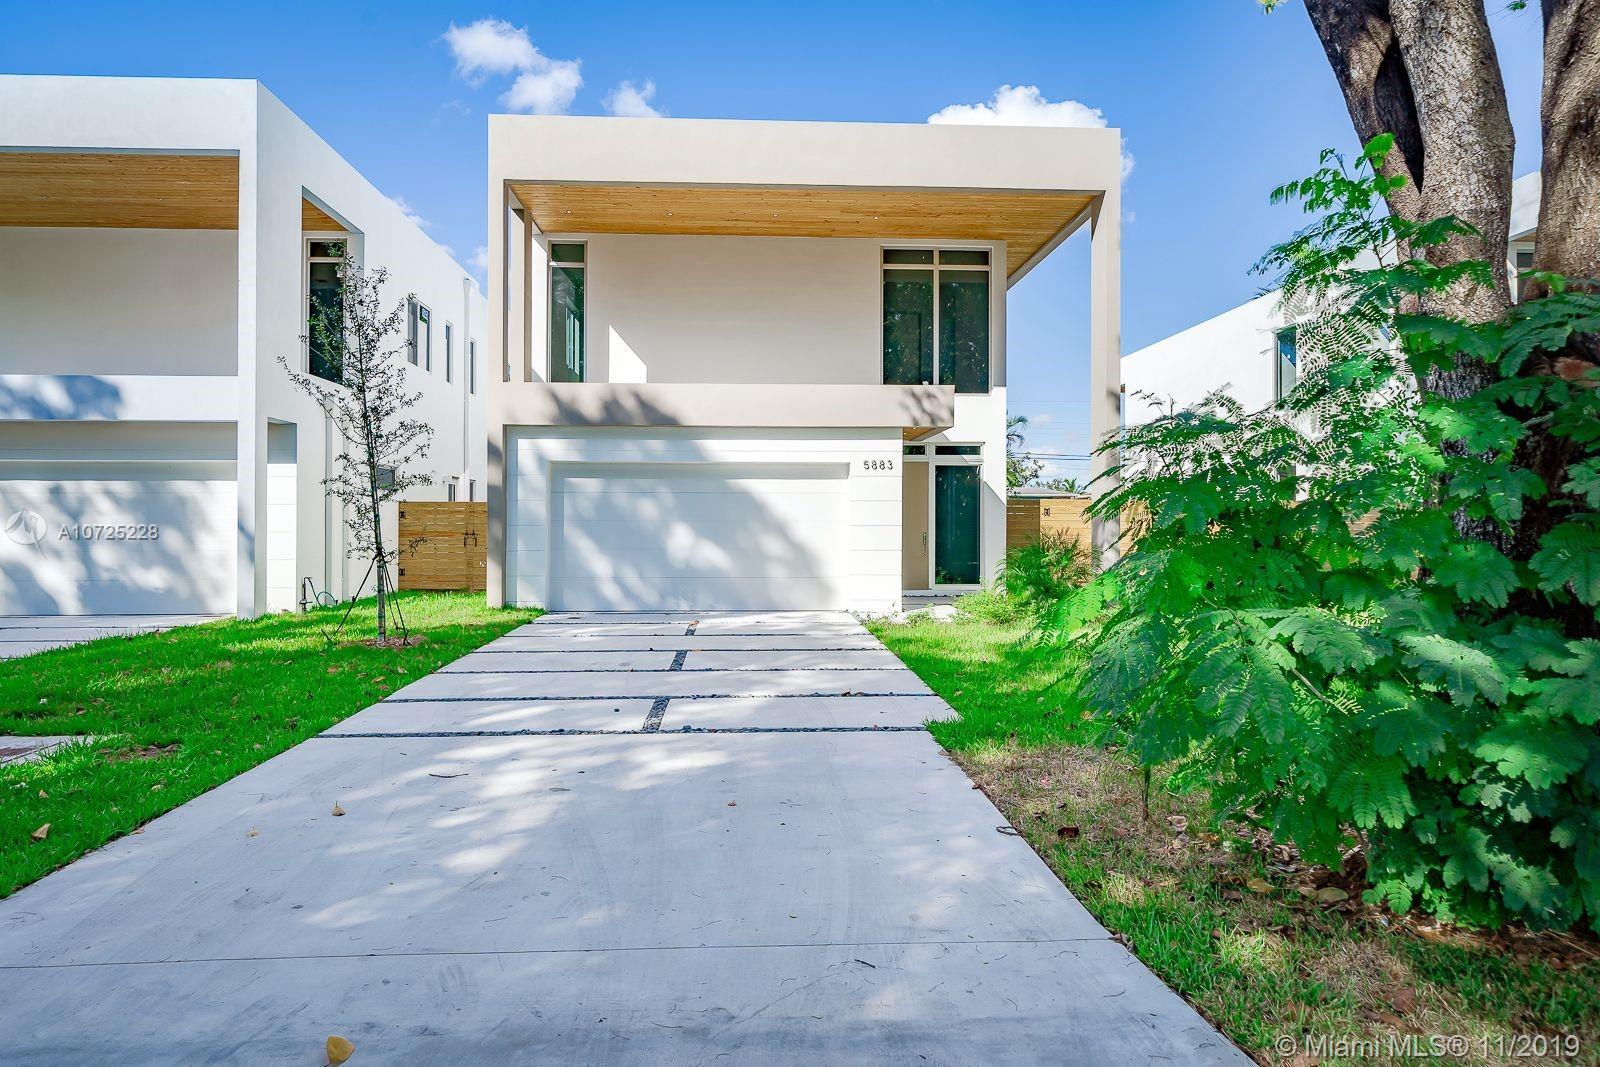 5883 SW 25th ST, Miami, FL 33155